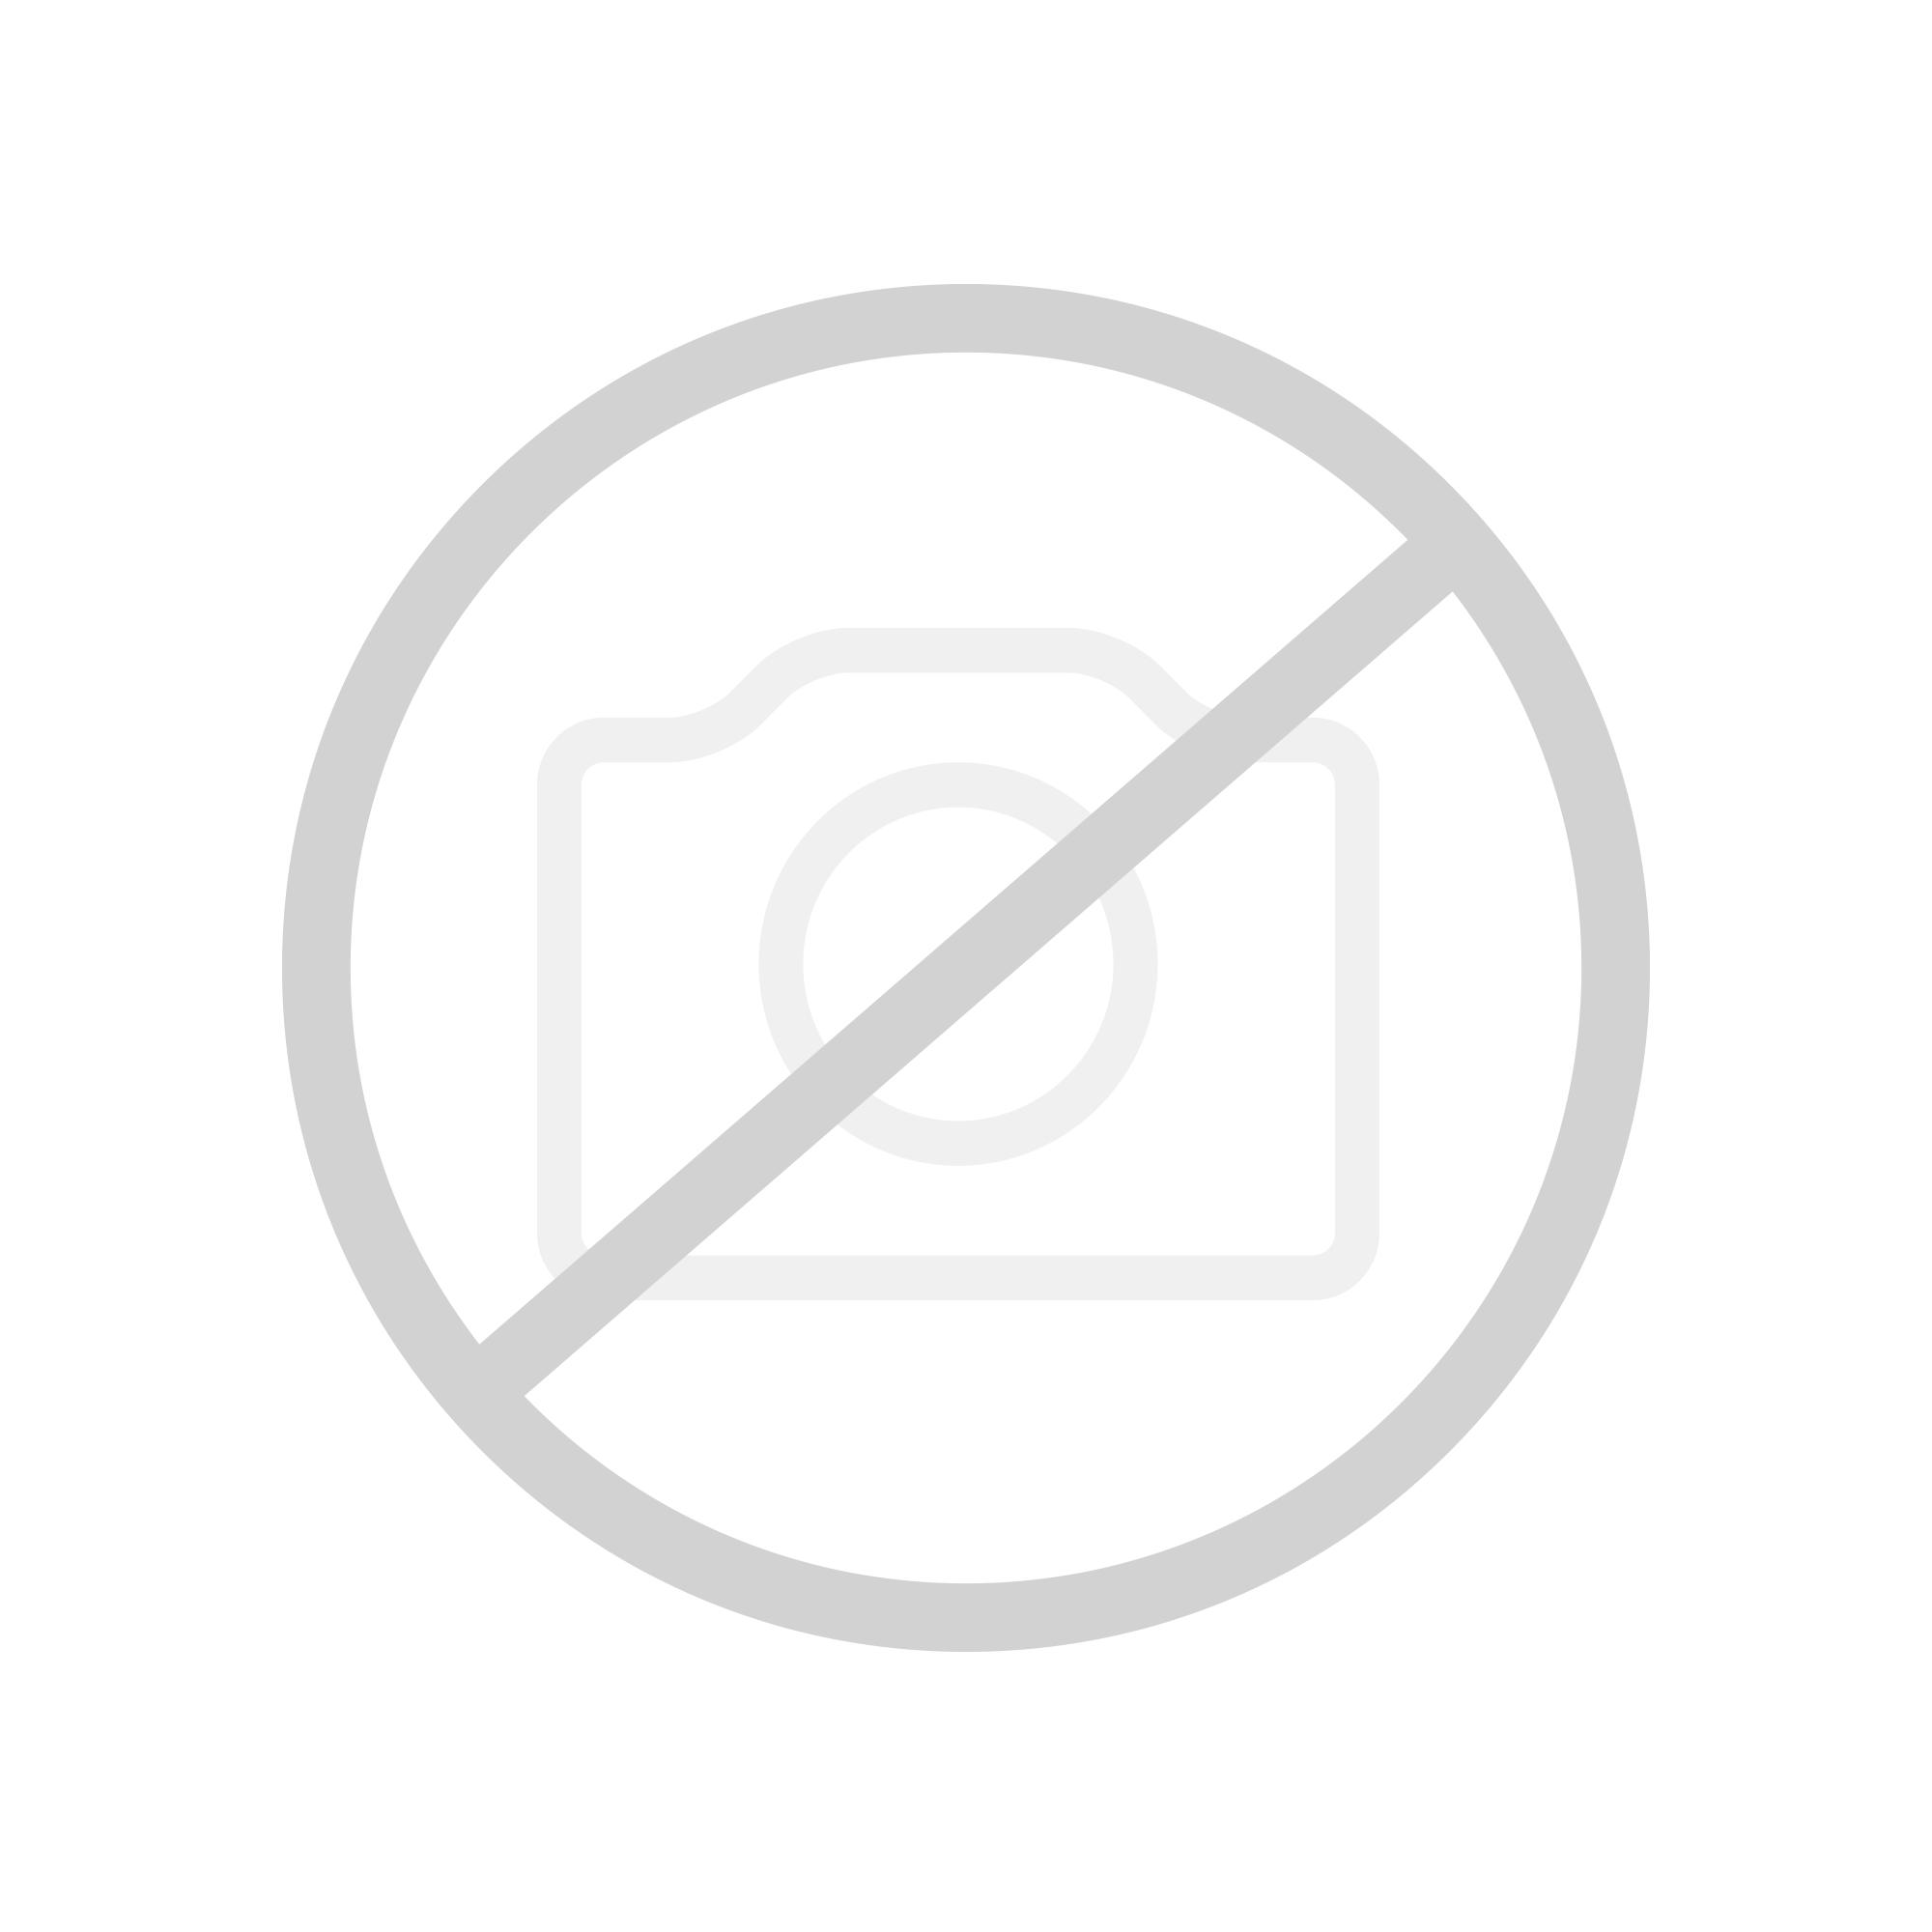 Kermi Rubeo Handtuchhalter edelstahl gebürstet